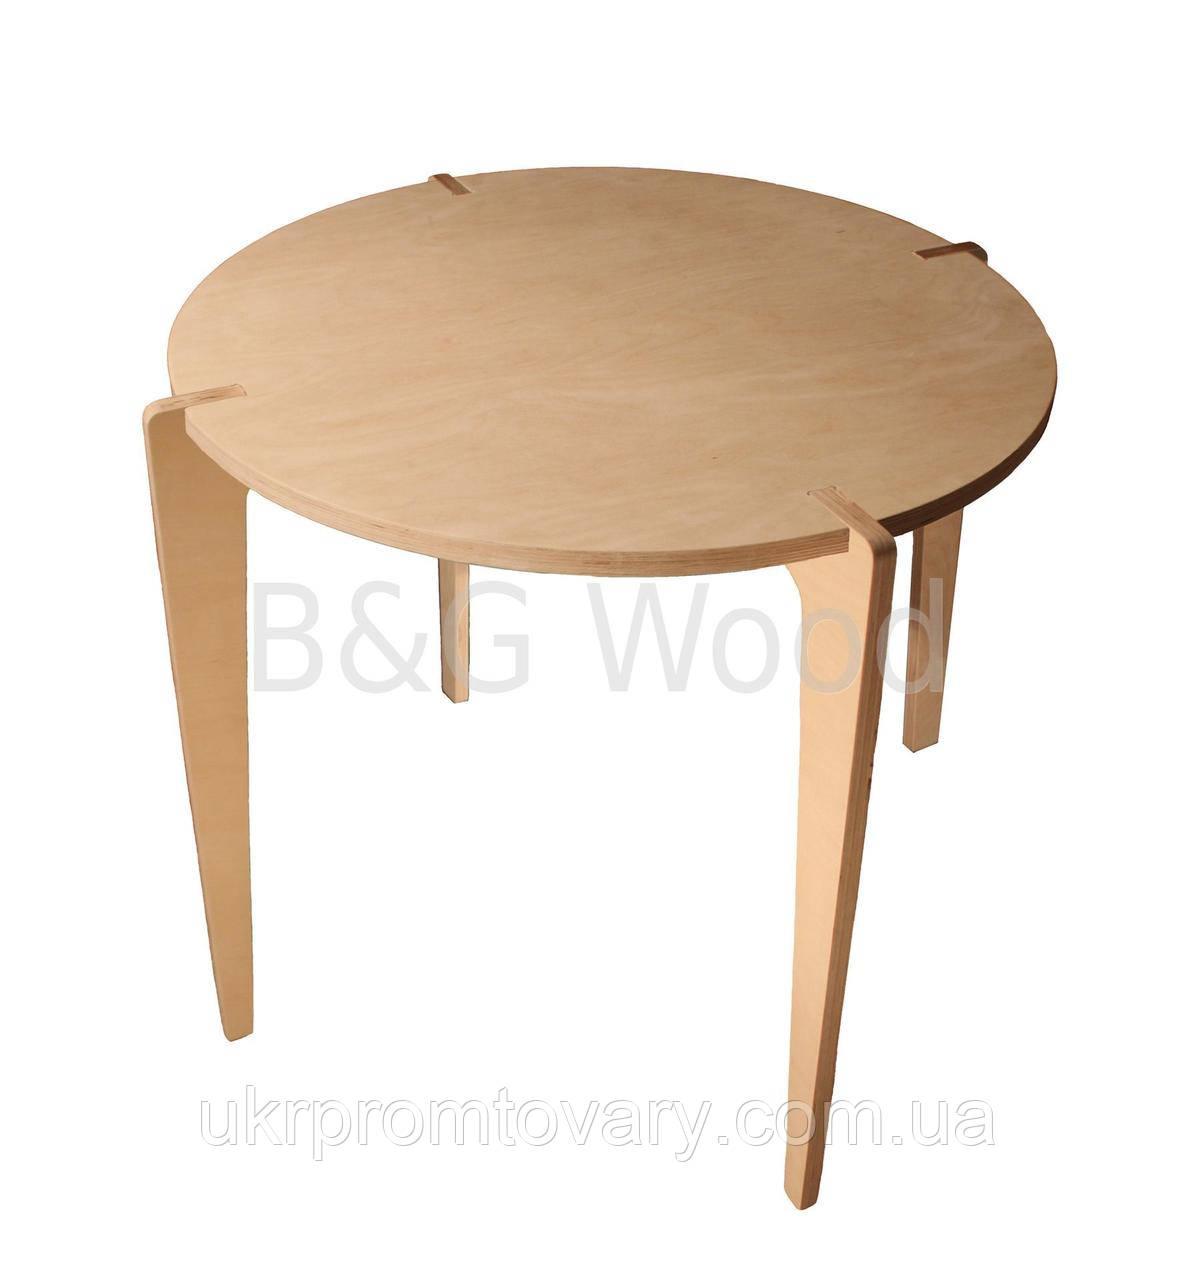 Круглий обідній стіл Bob, меблі SPORTMORE, натуральне дерево, фанера від виробника